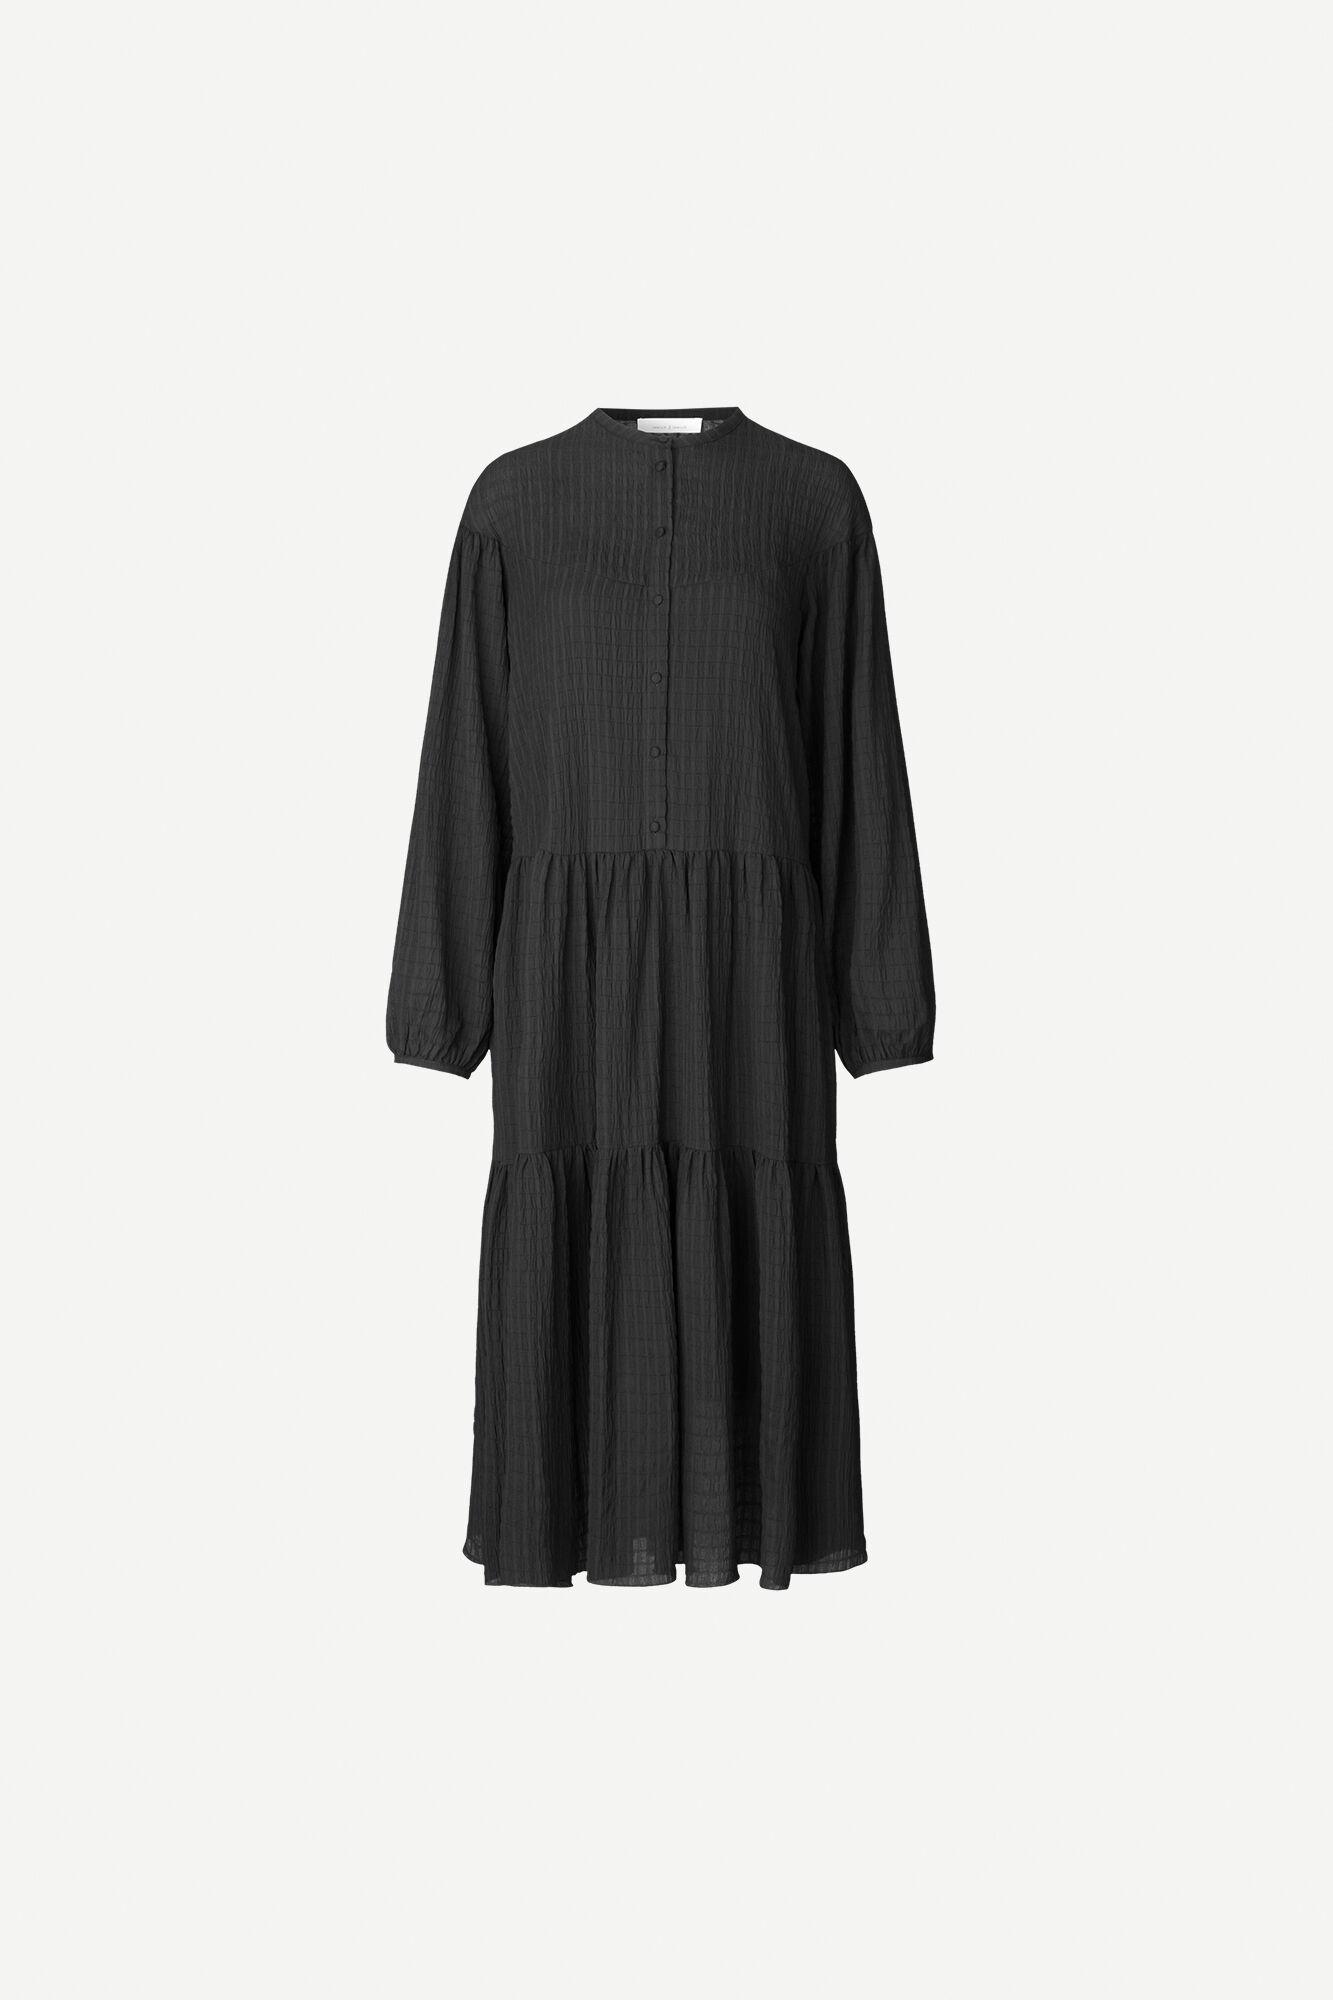 Rhonda dress 11156